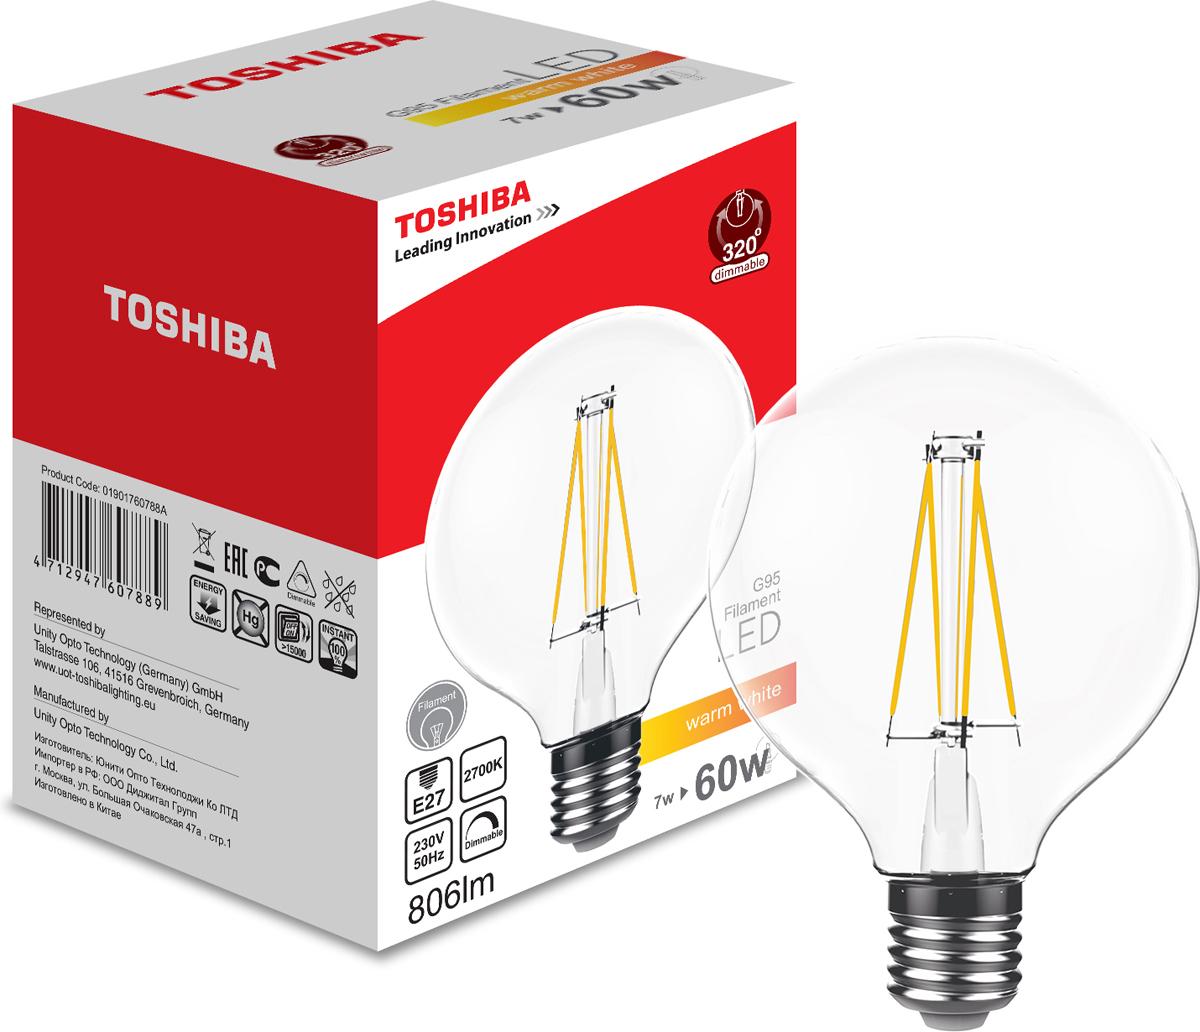 Лампа филаментная Toshiba, теплый свет, цоколь E27, 7W, 2700K. 1901760788A1901760788AФиламентные лампы, хоть и относятся к светодиодным, но и внешне, и конструктивно достаточно сильно от них отличаются. Несведущему человеку вообще может показаться, что это обычная лампа накаливания, только немного со странностями. На самом деле филаментные светодиодные лампы объединили лучшие качества привычных нам лампочек Ильича и современных led-ламп. Результат получился интересный, экономичный, экологичный и глазу весьма приятный. Филамент – основной функциональный элемент такой лампы, представляет собой светодиодную полоску особой конструкции. Внешним видом филаменты напоминают нить, потому некоторые так их и называют – лампочки на светодиодных нитях.